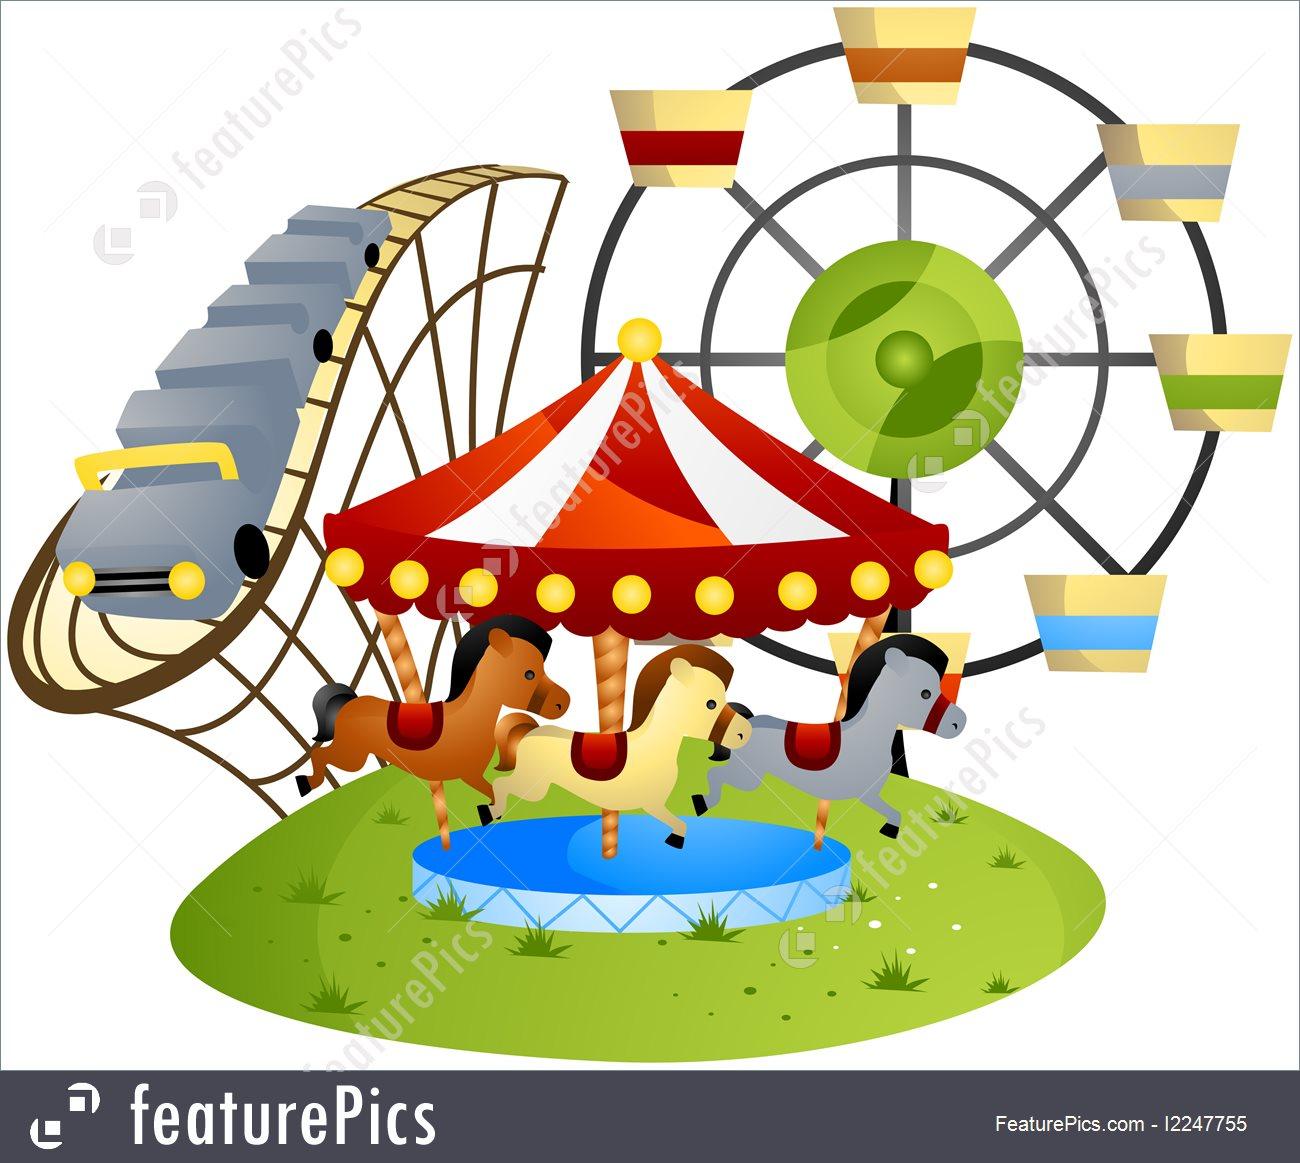 Entertainment: Amusement Park.